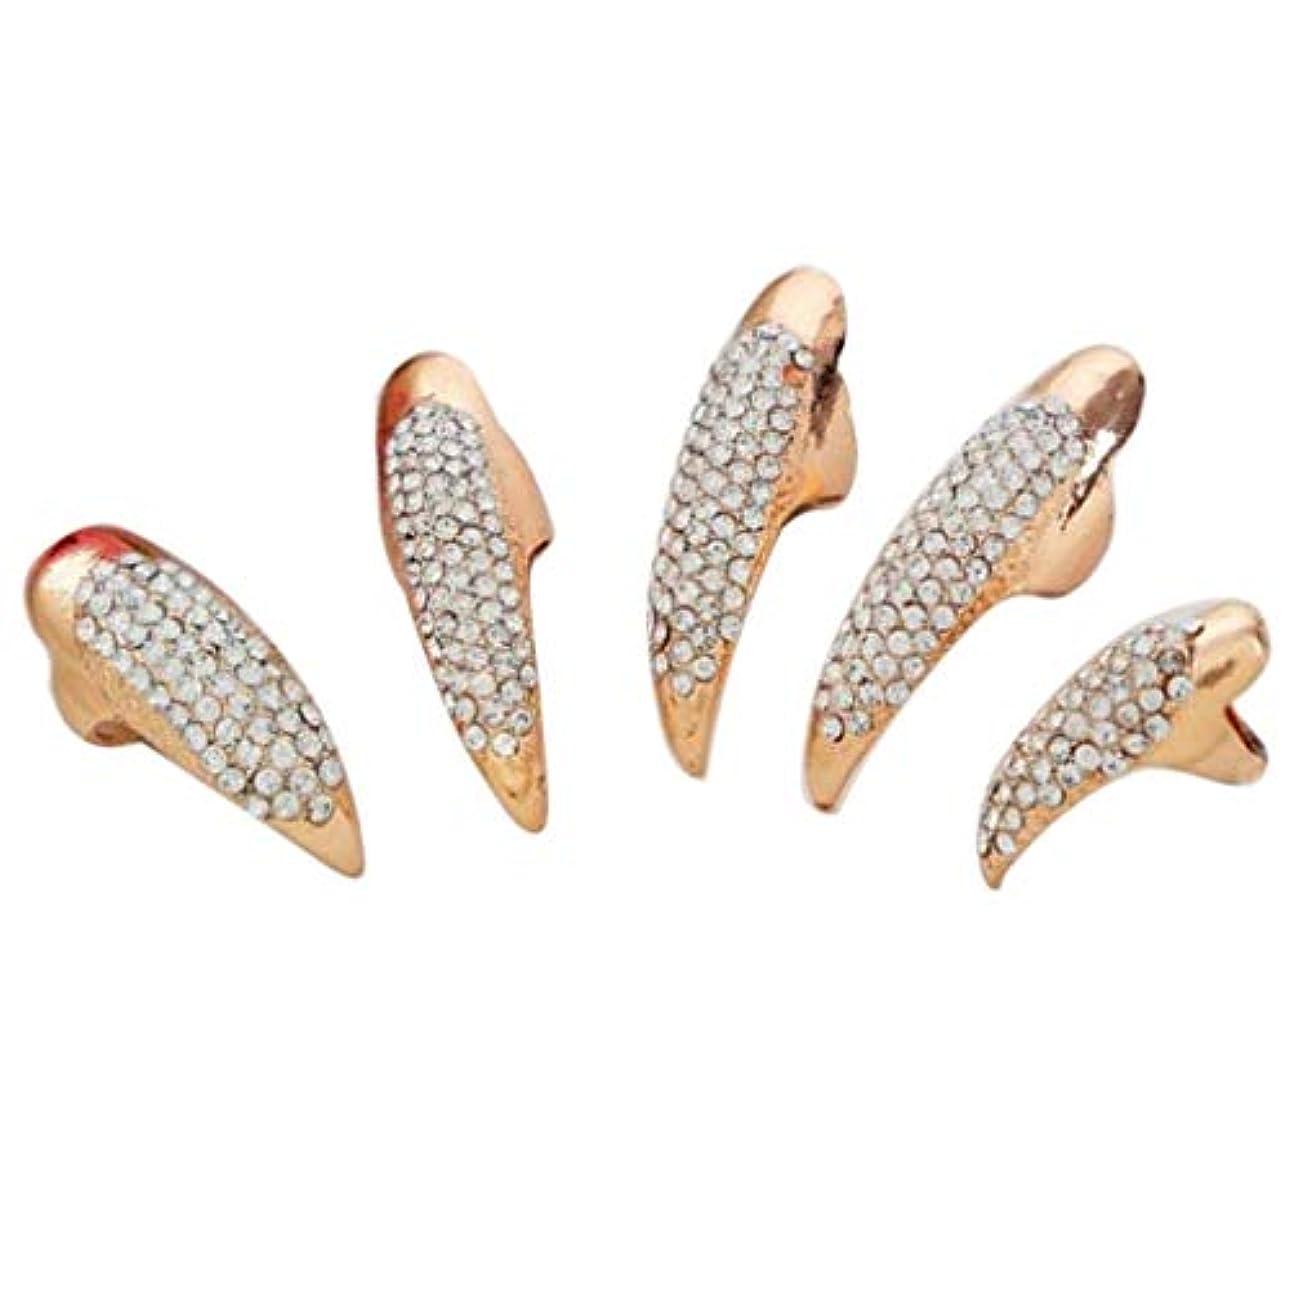 工業化する罰するありがたいB Baosity ネイルアート ネイルリング 爪リング ネイルチップ 指先 爪の指輪 キラキラ 2色選べ - ゴールデン